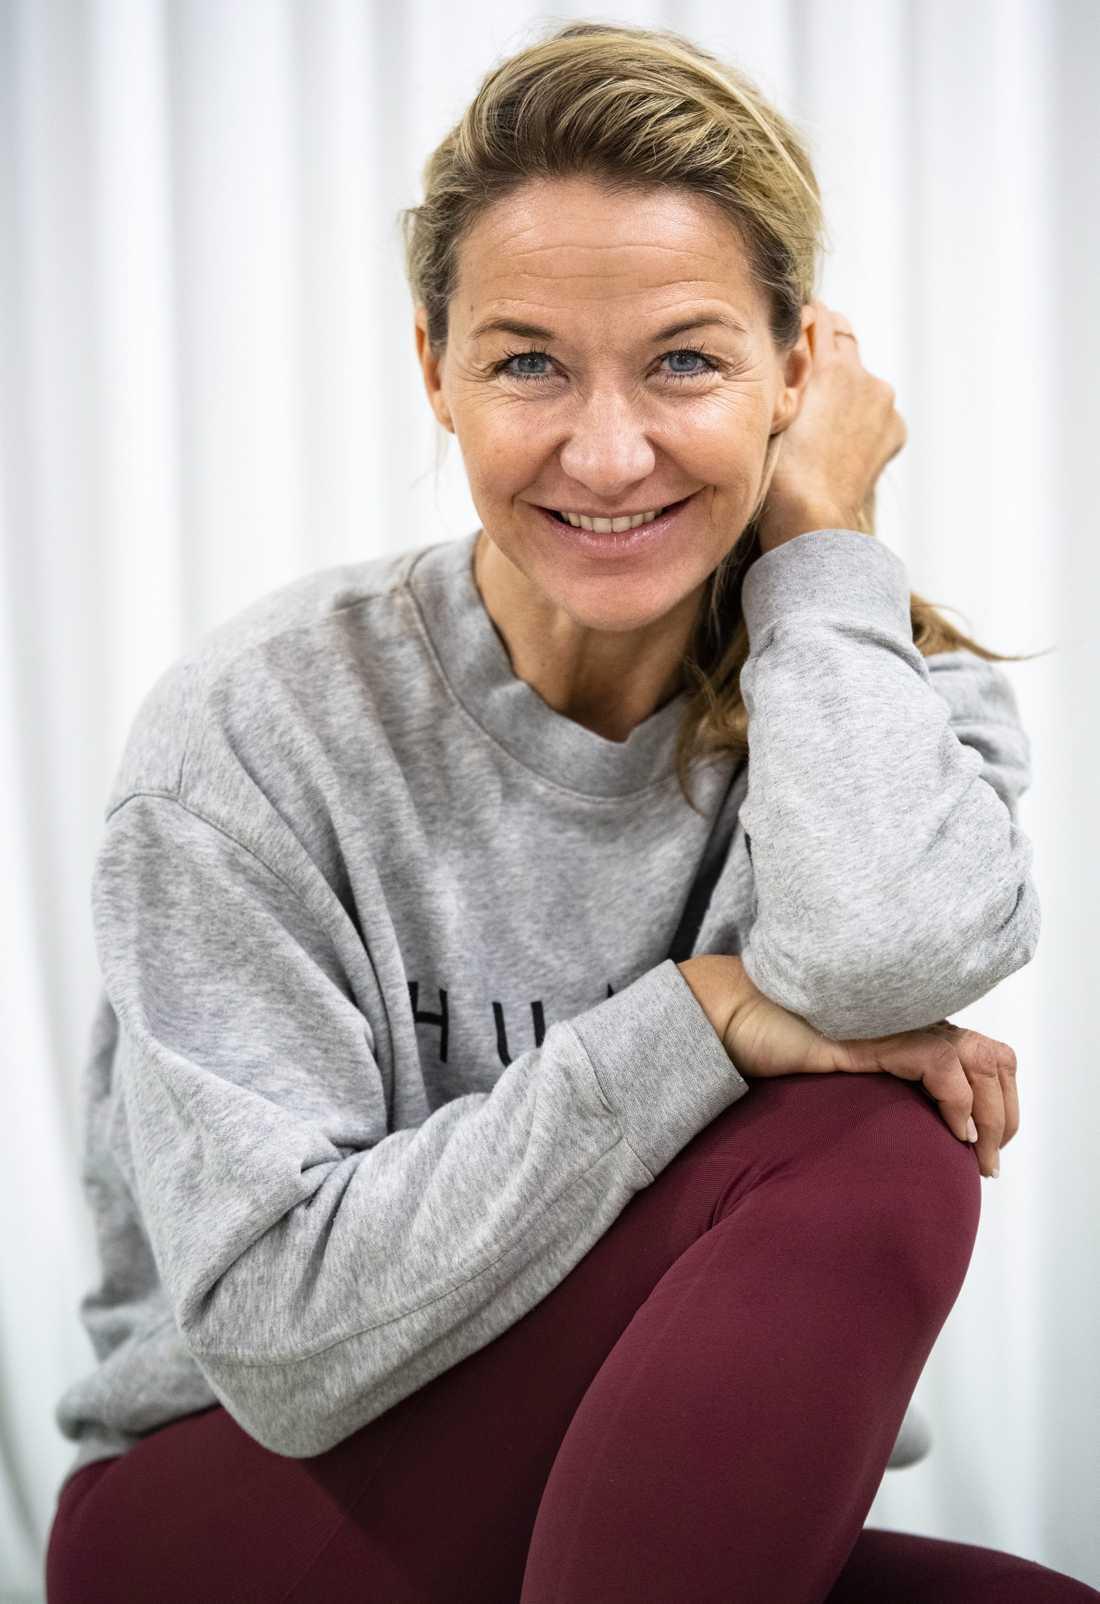 Kristin Kaspersens ursäkt till följarna